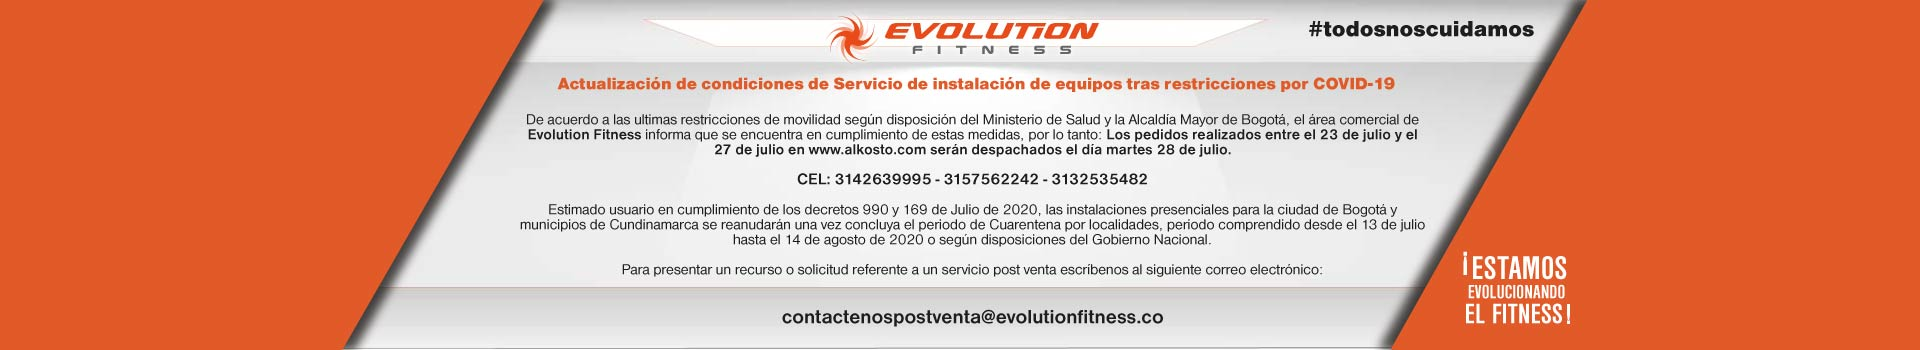 AK-KT-BCAT1-EVOLUTION-COMUNICADO-12AGOSTO2020